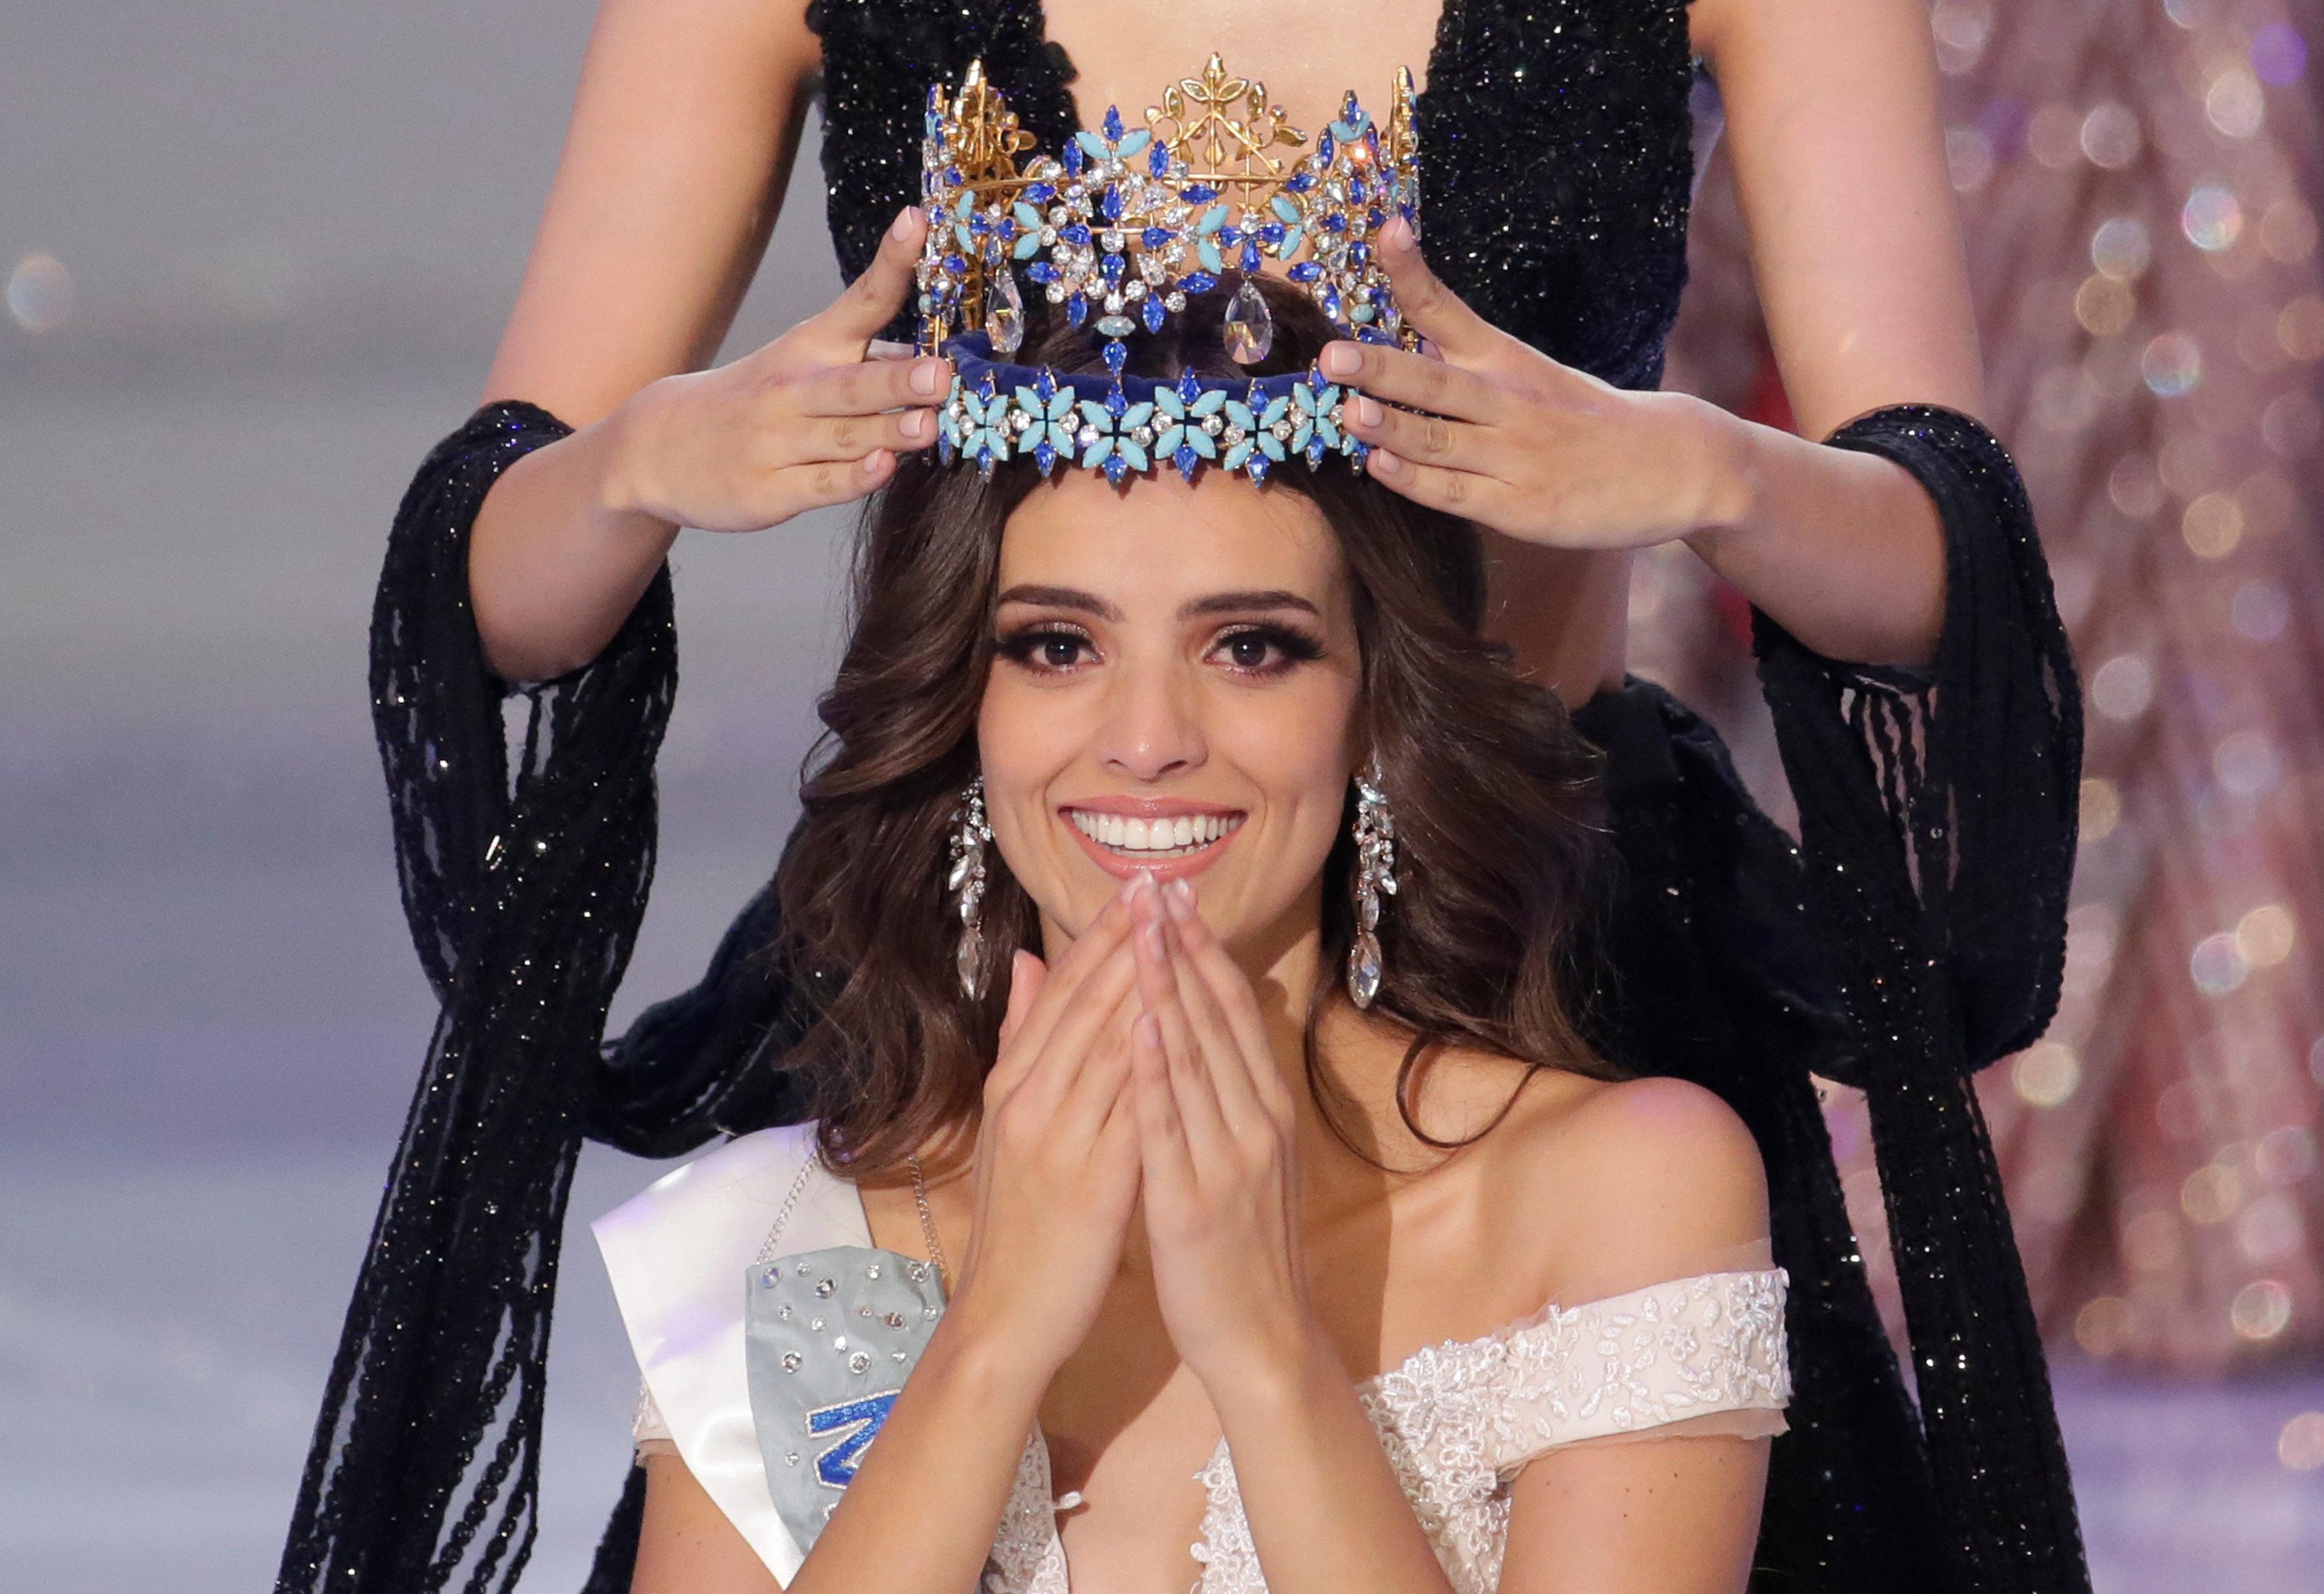 Победительница конкурса красоты Мисс мира-2018 Ванесса Понсе Де Леон